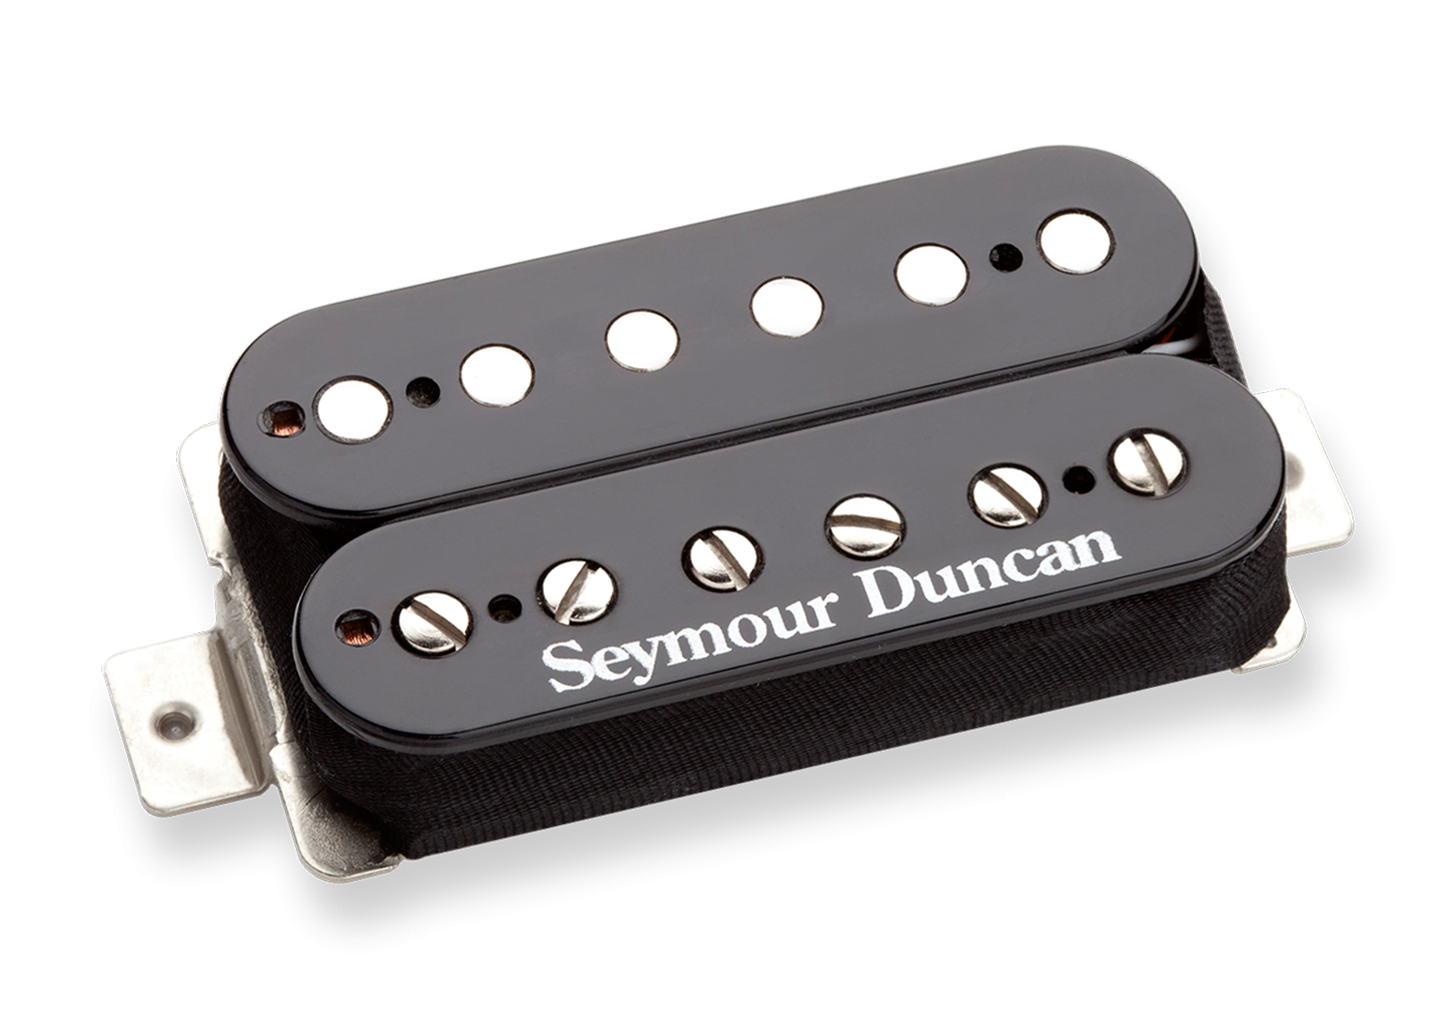 Seymour Duncan Duncan Custom Humbucker (SH-5)